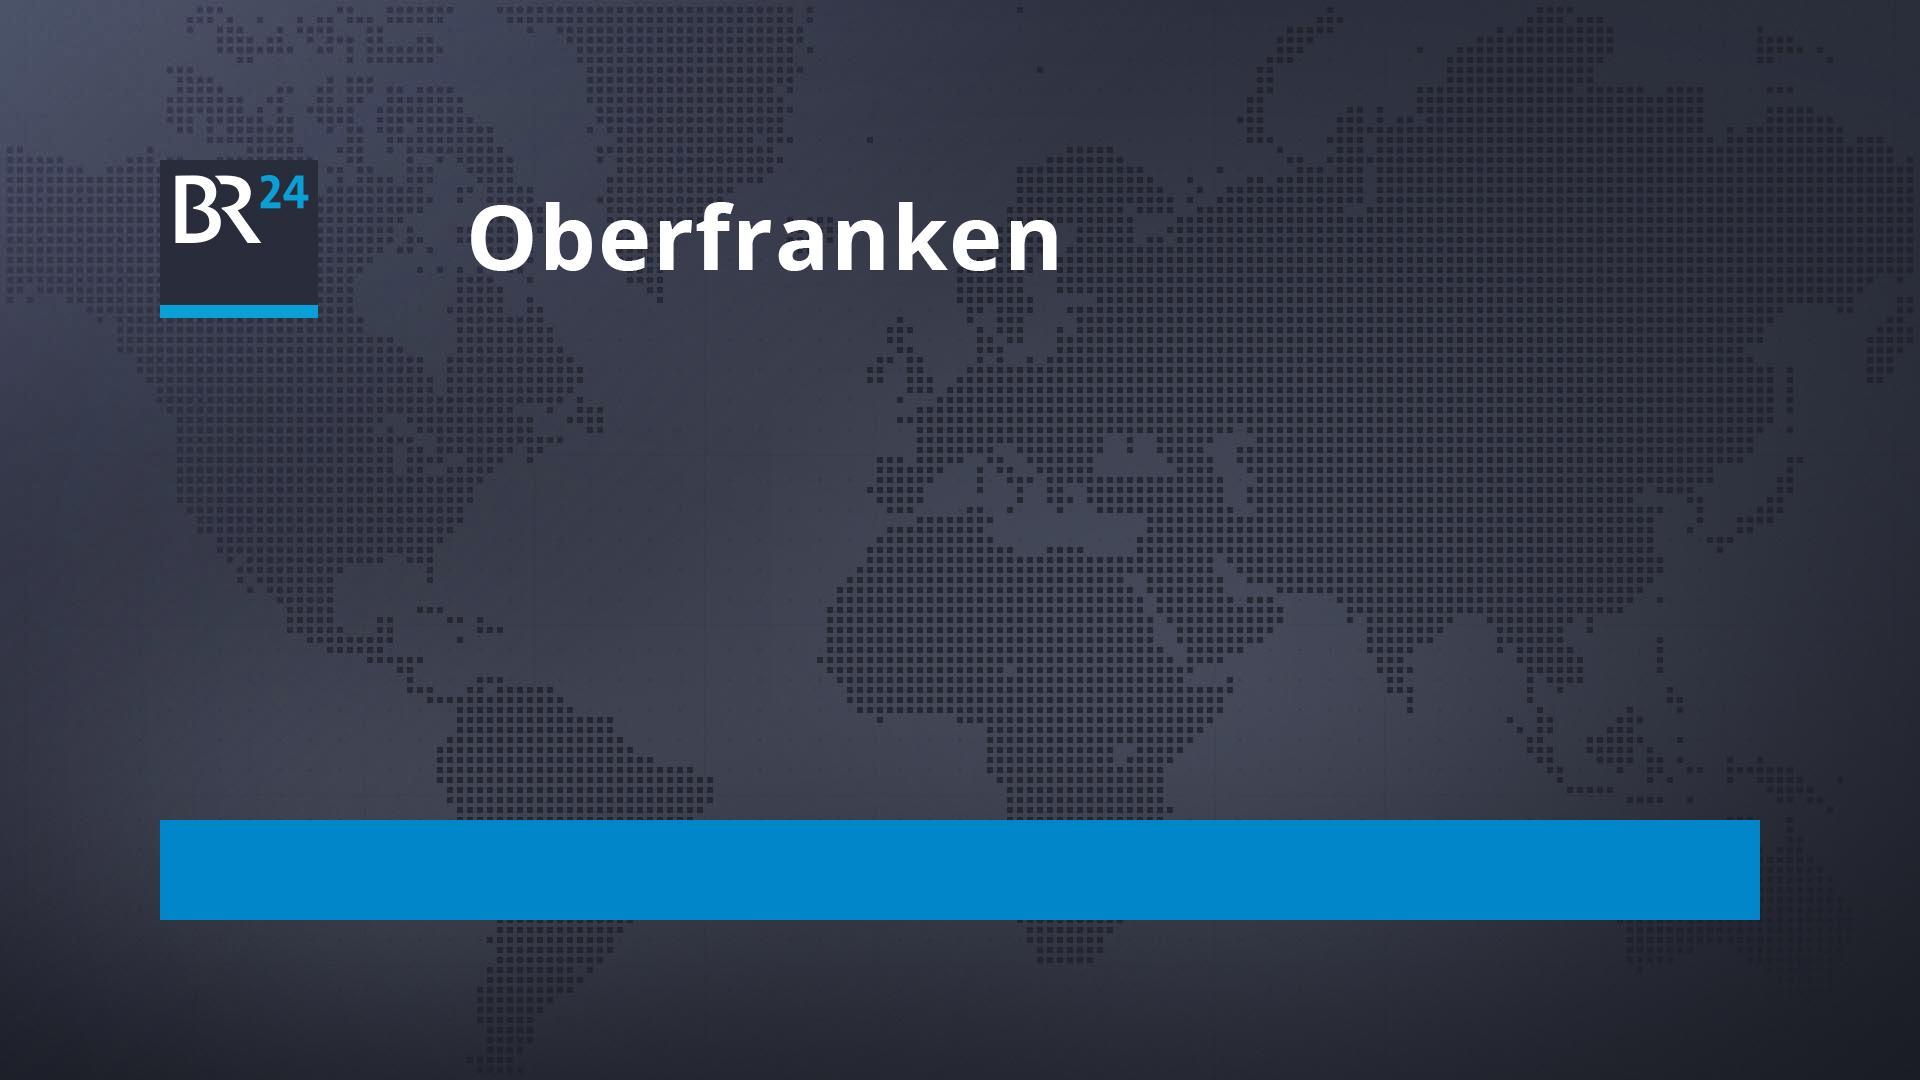 BR24 in Oberfranken